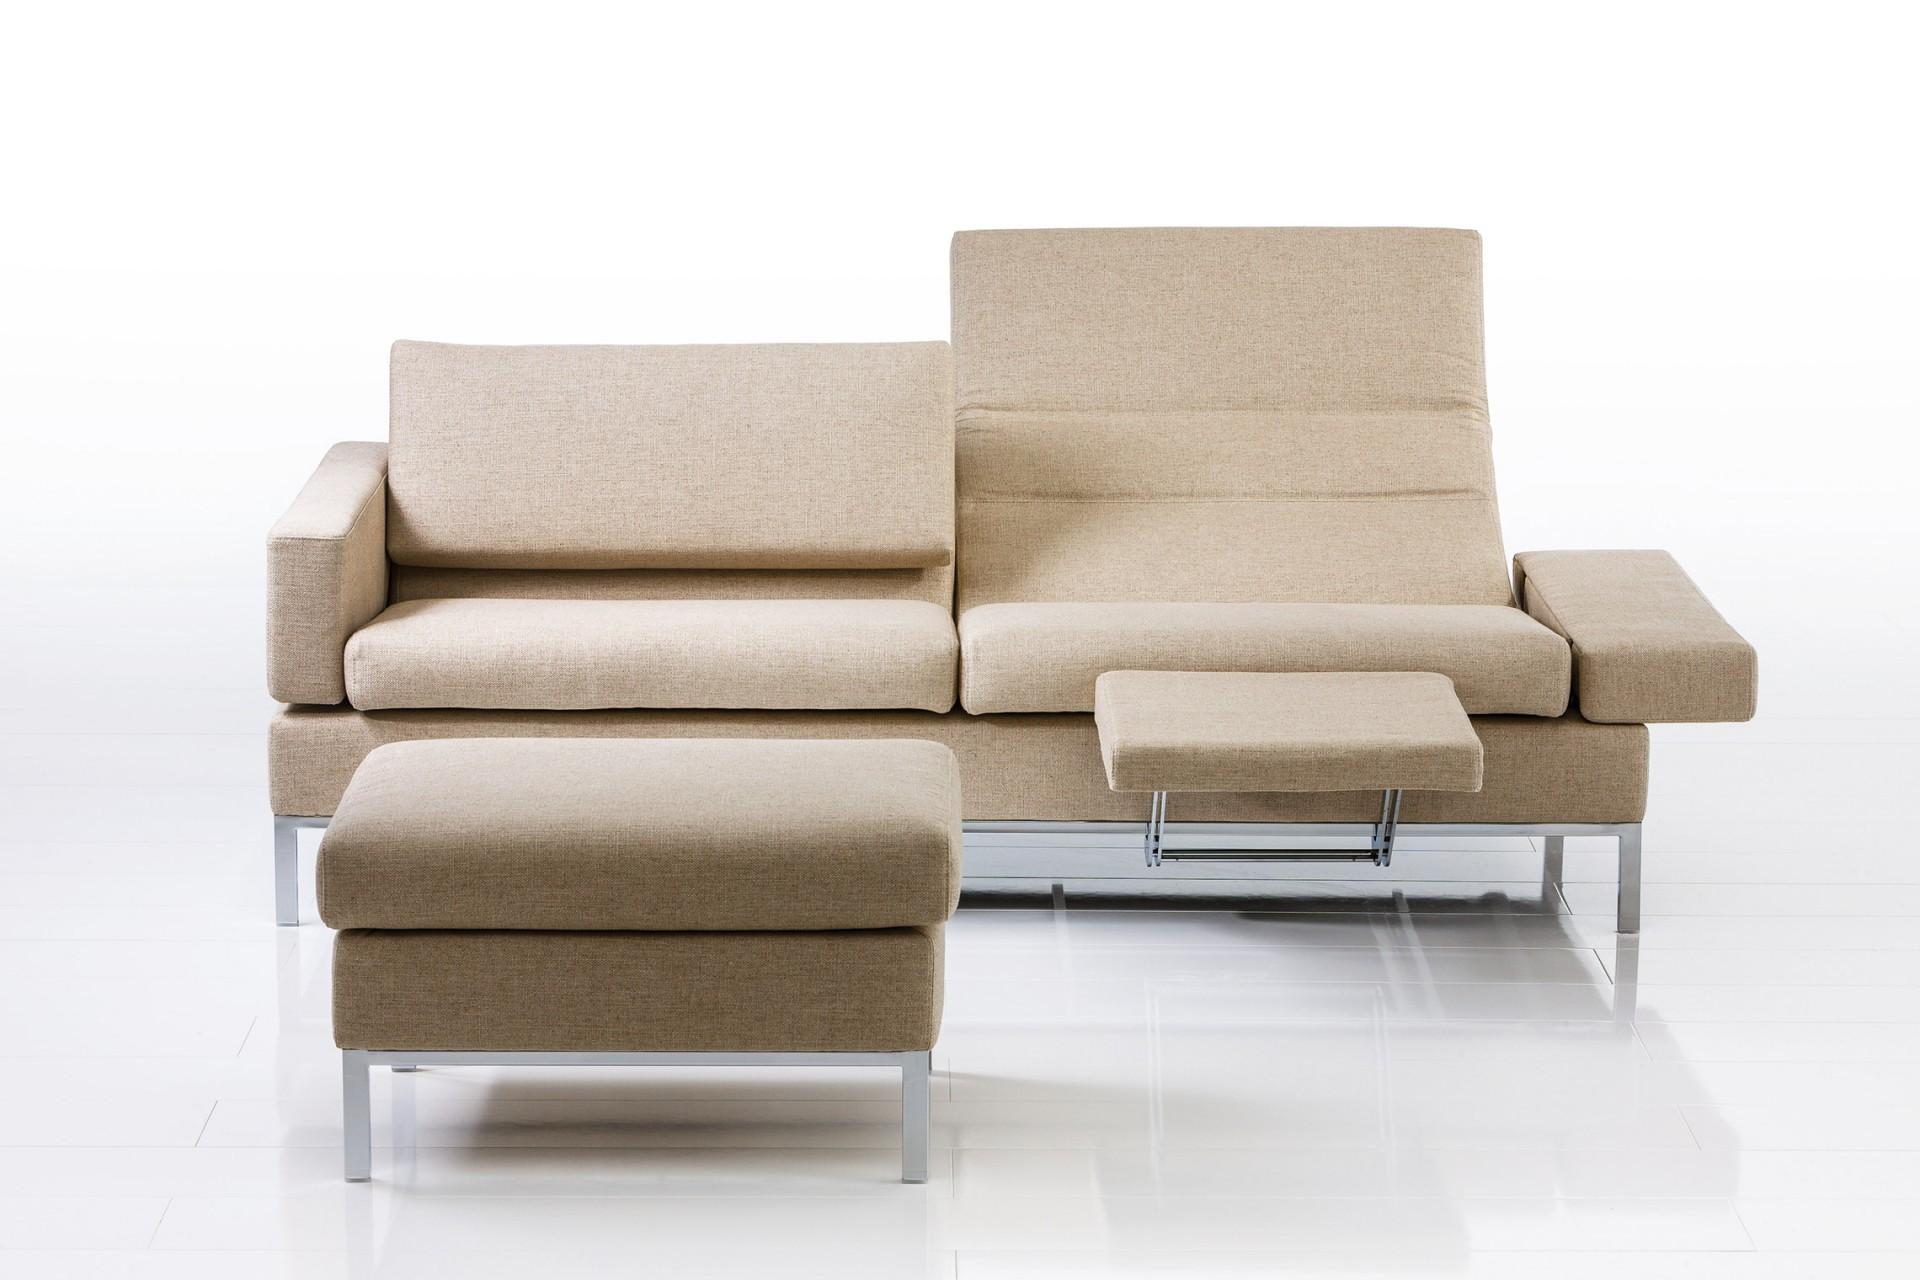 Sofa tomo wohnwiese jette schlund ellingen team 7 Sofa bequem komfort